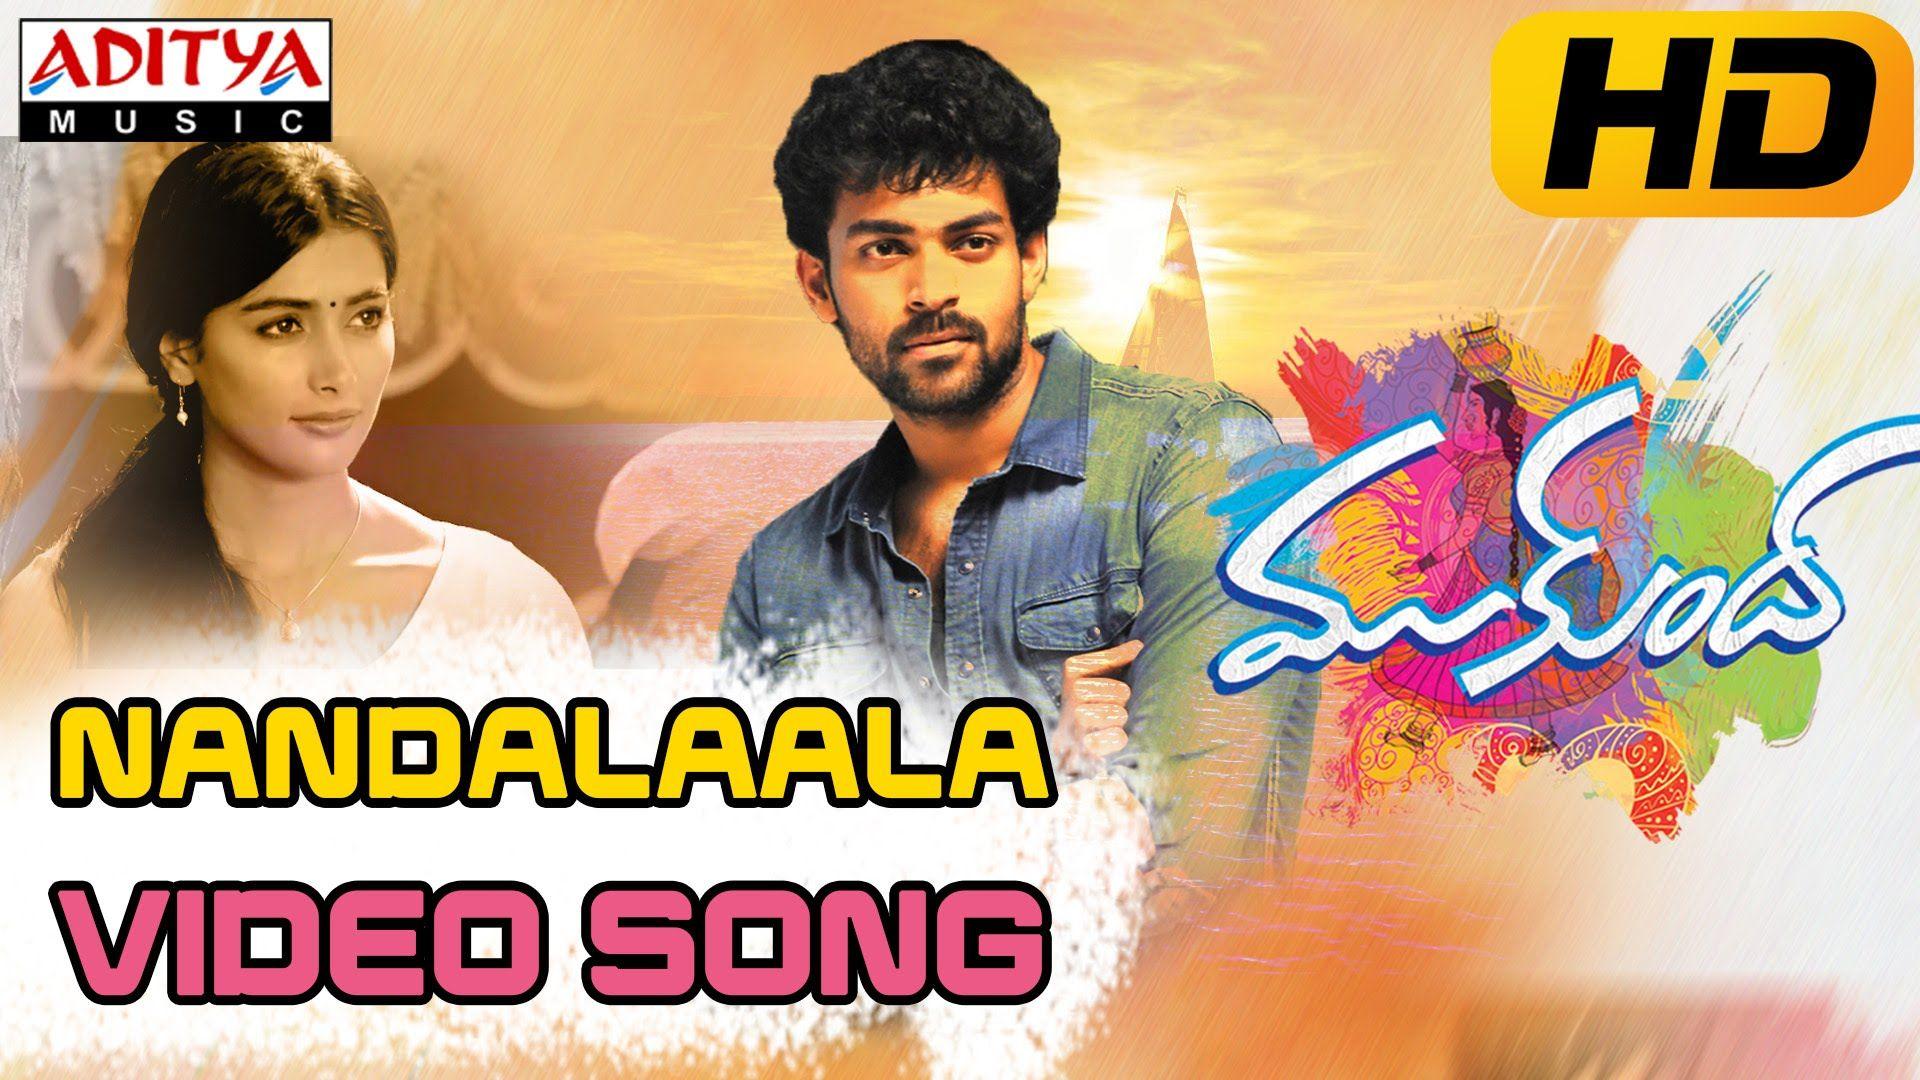 Nandalaala Full Video Song Mukunda Video Songs Varun Tej Pooja Hegde Songs Bollywood Movie Songs Movie Songs